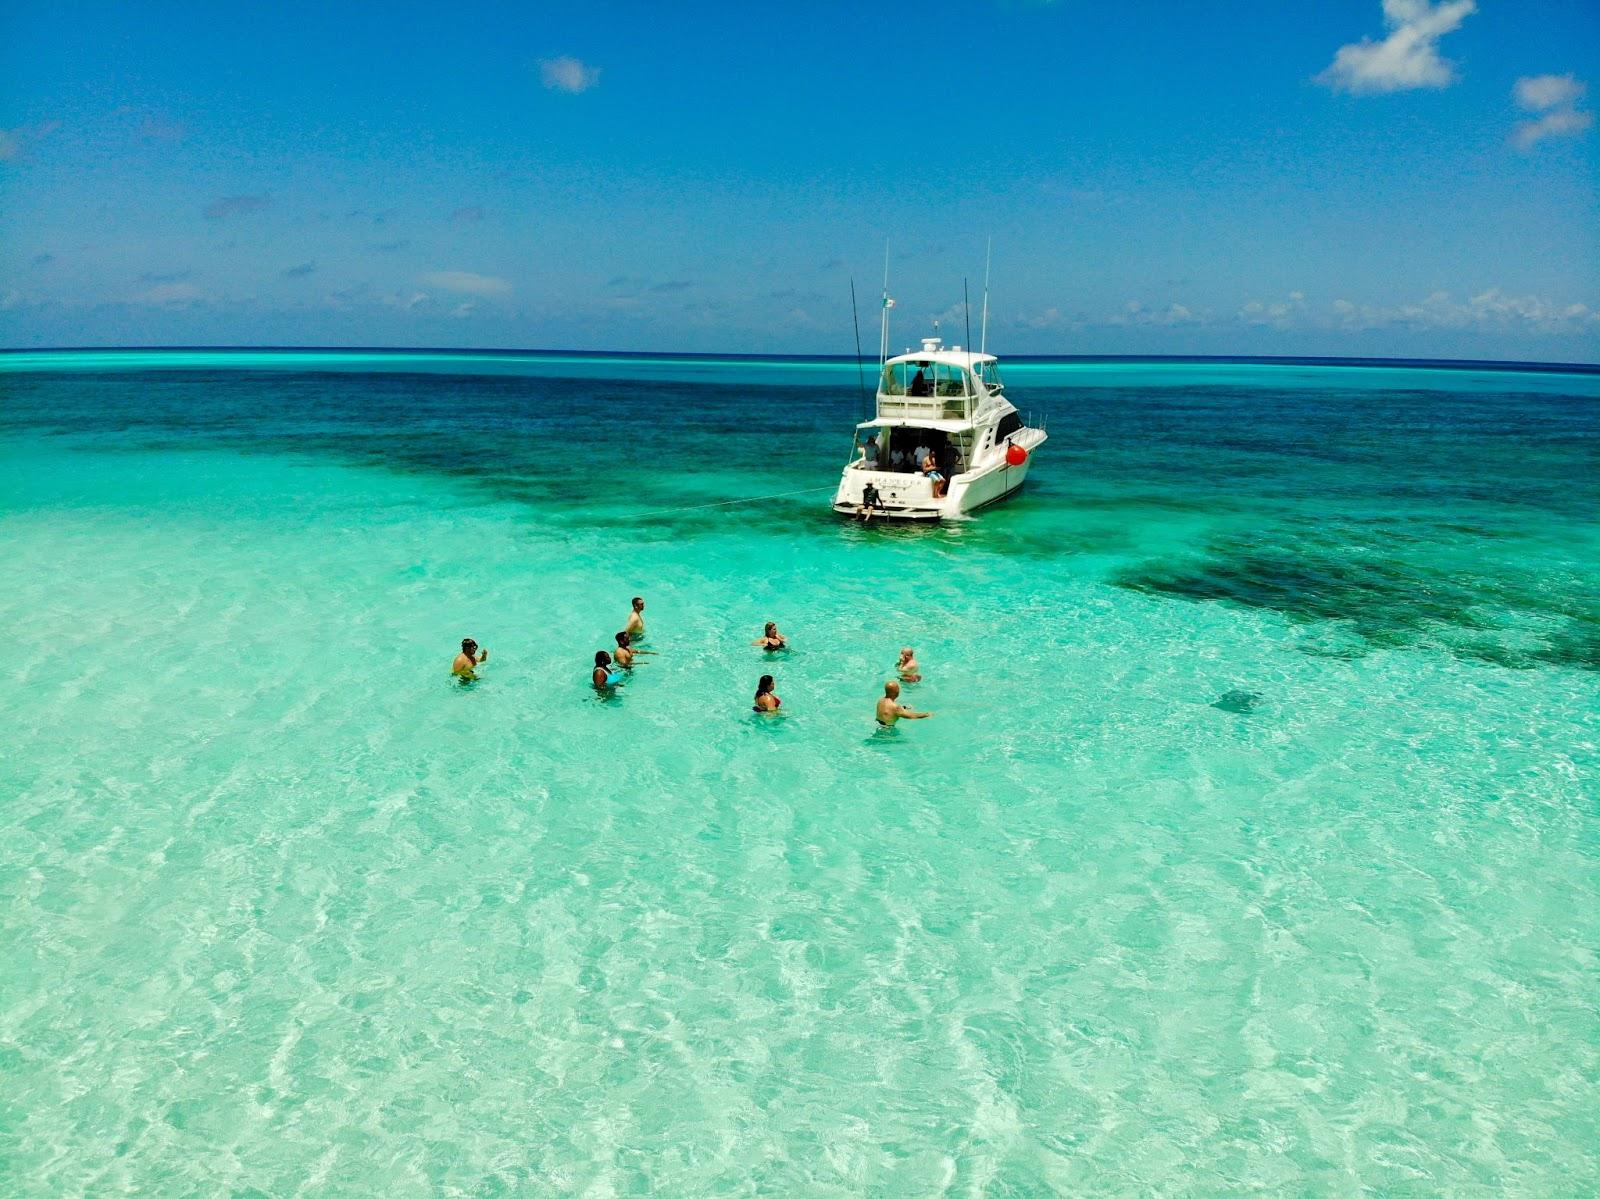 Destinos turísticos: te contamos qué hacer en Cozumel